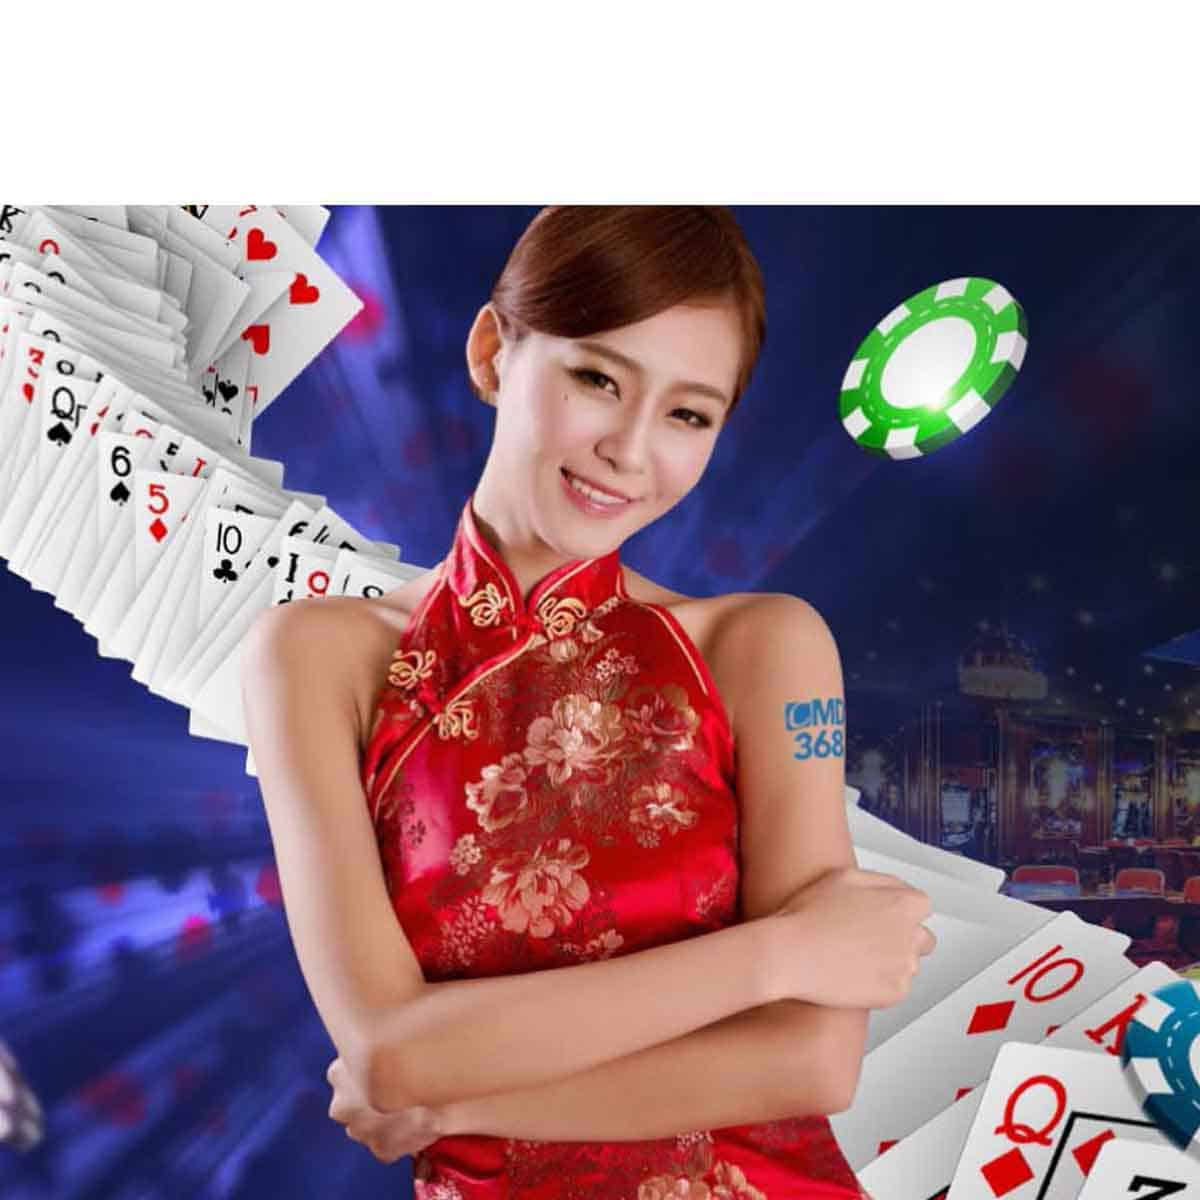 casino cmd368thailand Featured image